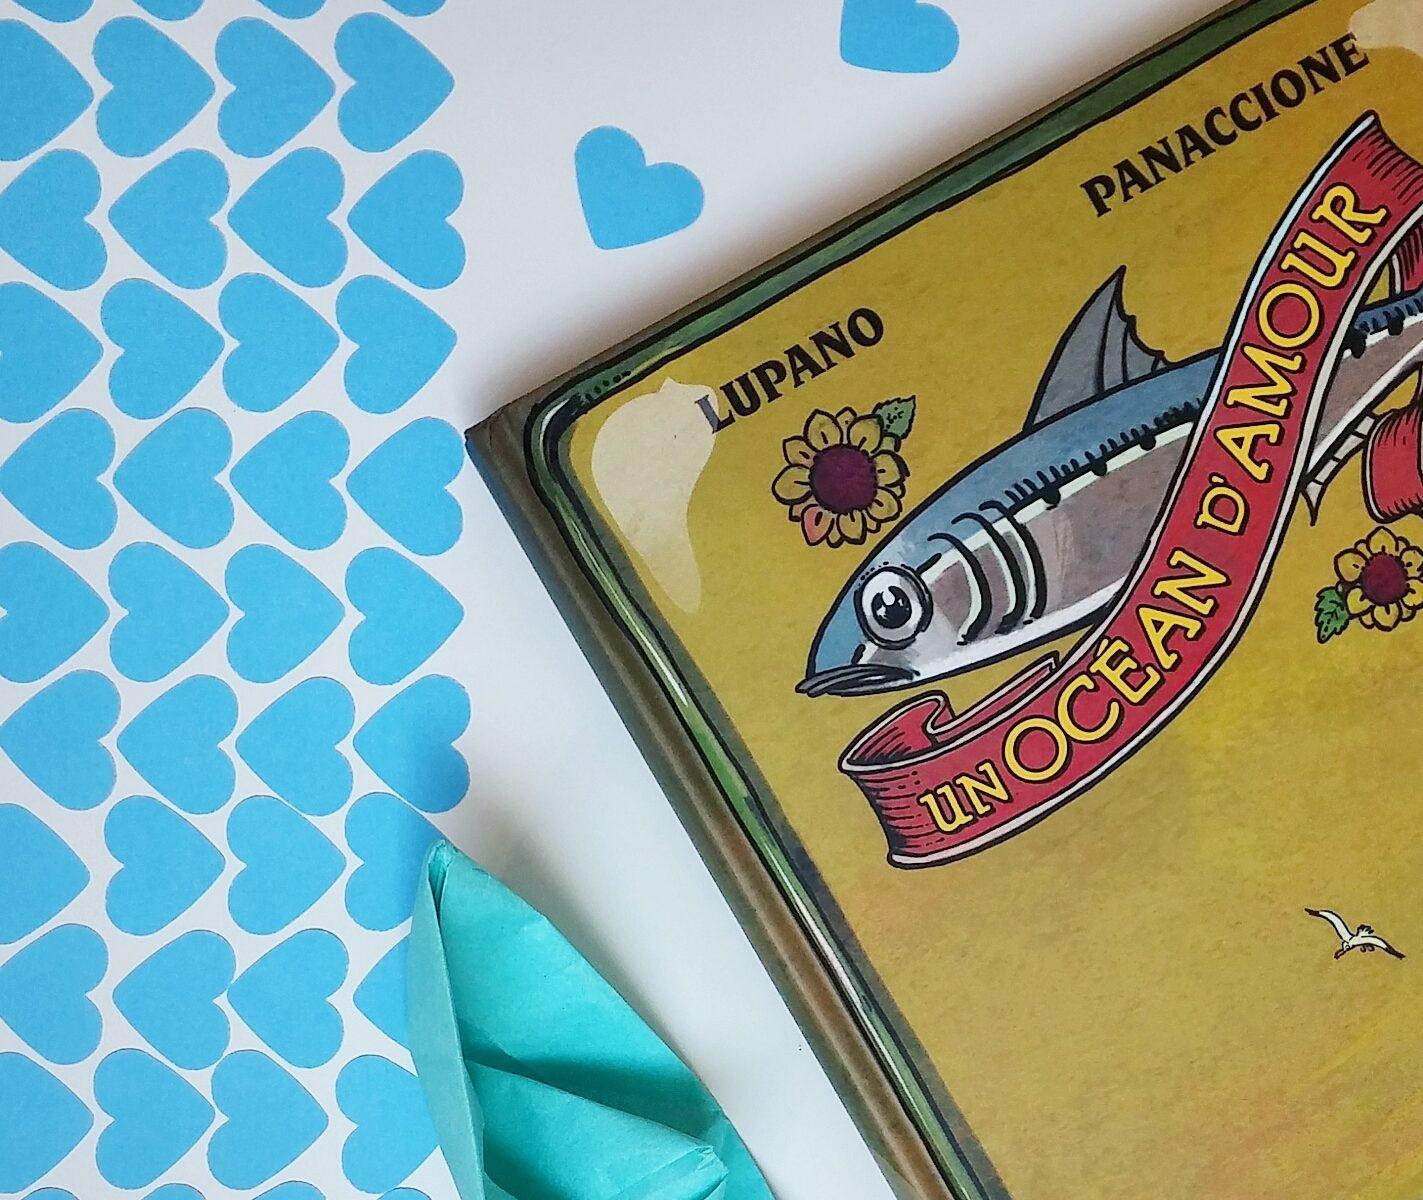 Un océan d'amour, Lupano, Panaccione, BD, bande dessinée, écologie, océan, édition delcourt mirages, bretagne, breizh